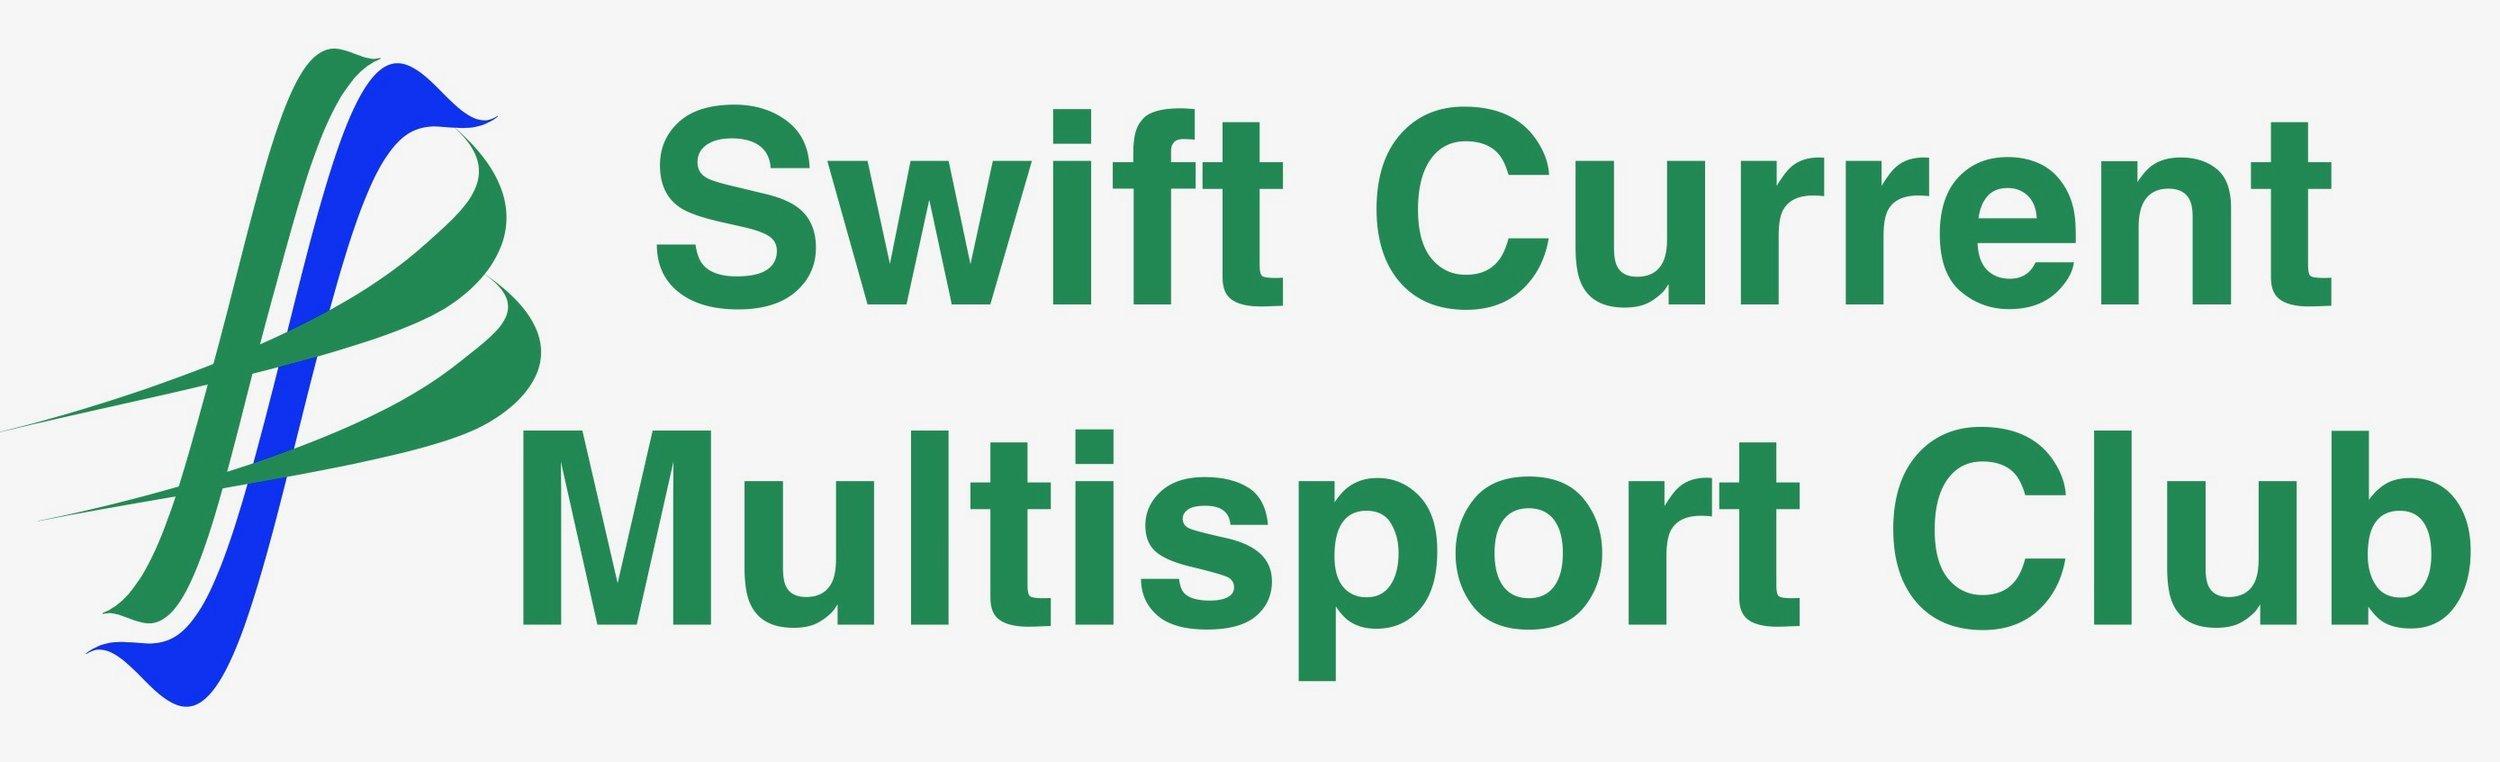 Swift Current Multisport Club logo.jpg